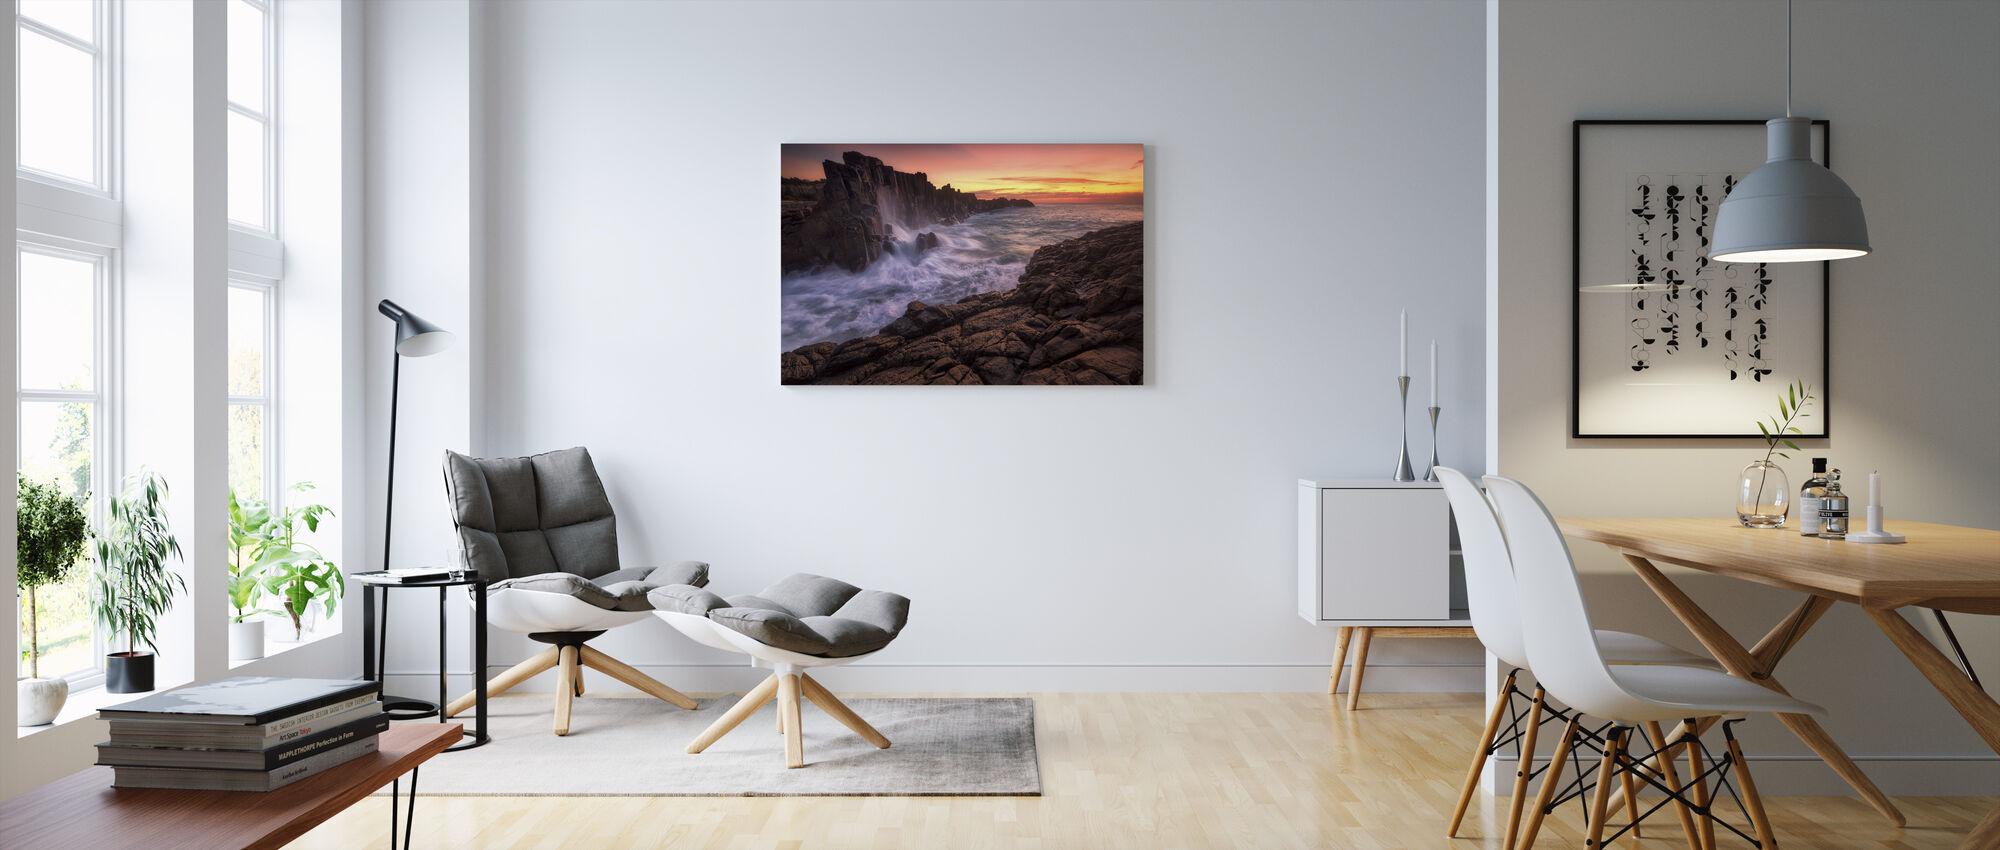 Vägg vid havet - Canvastavla - Vardagsrum